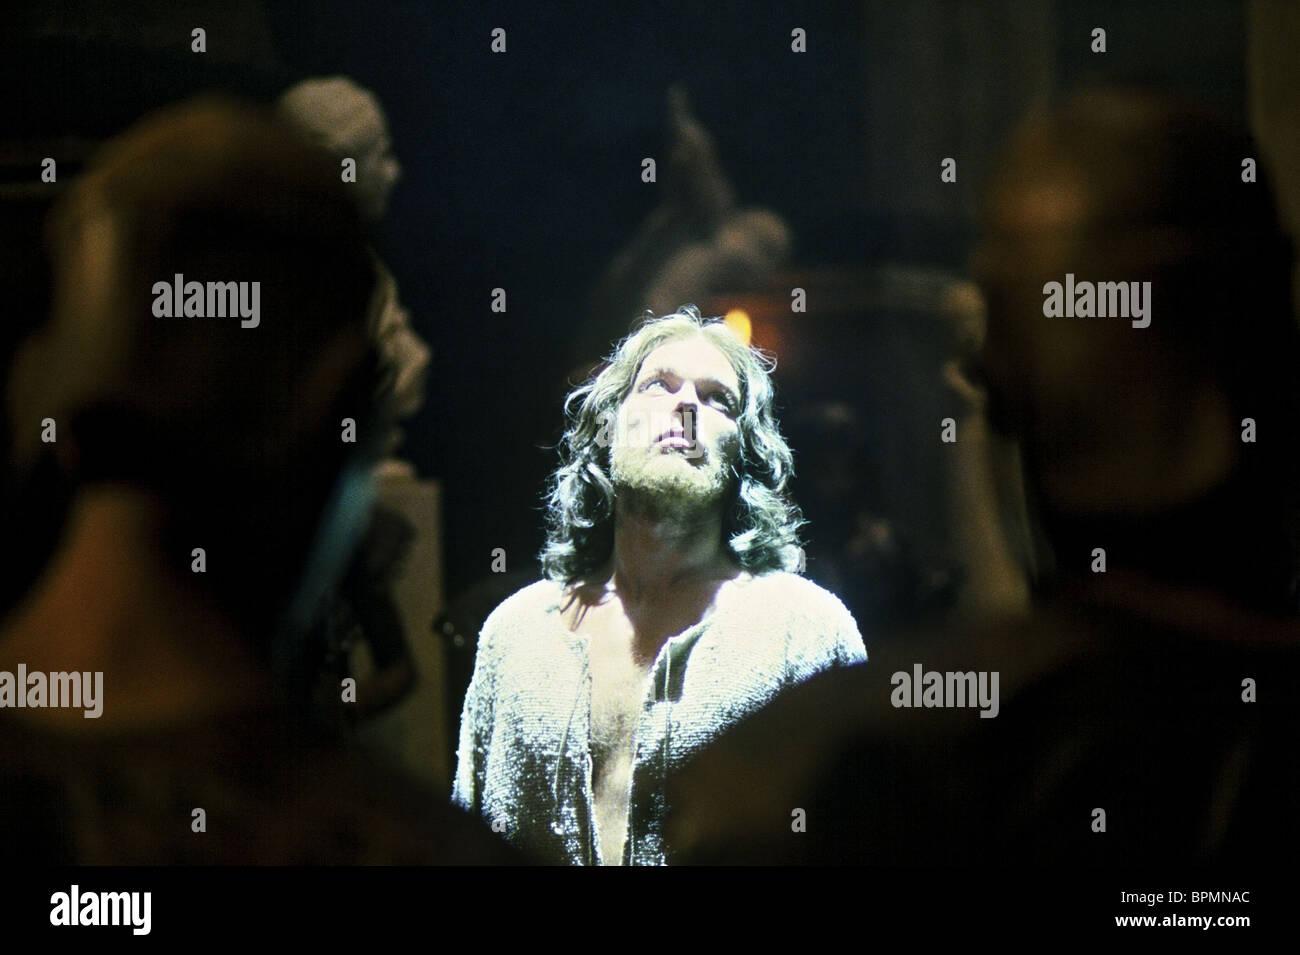 JONATHAN SCARFE JUDAS (2004) - Stock Image